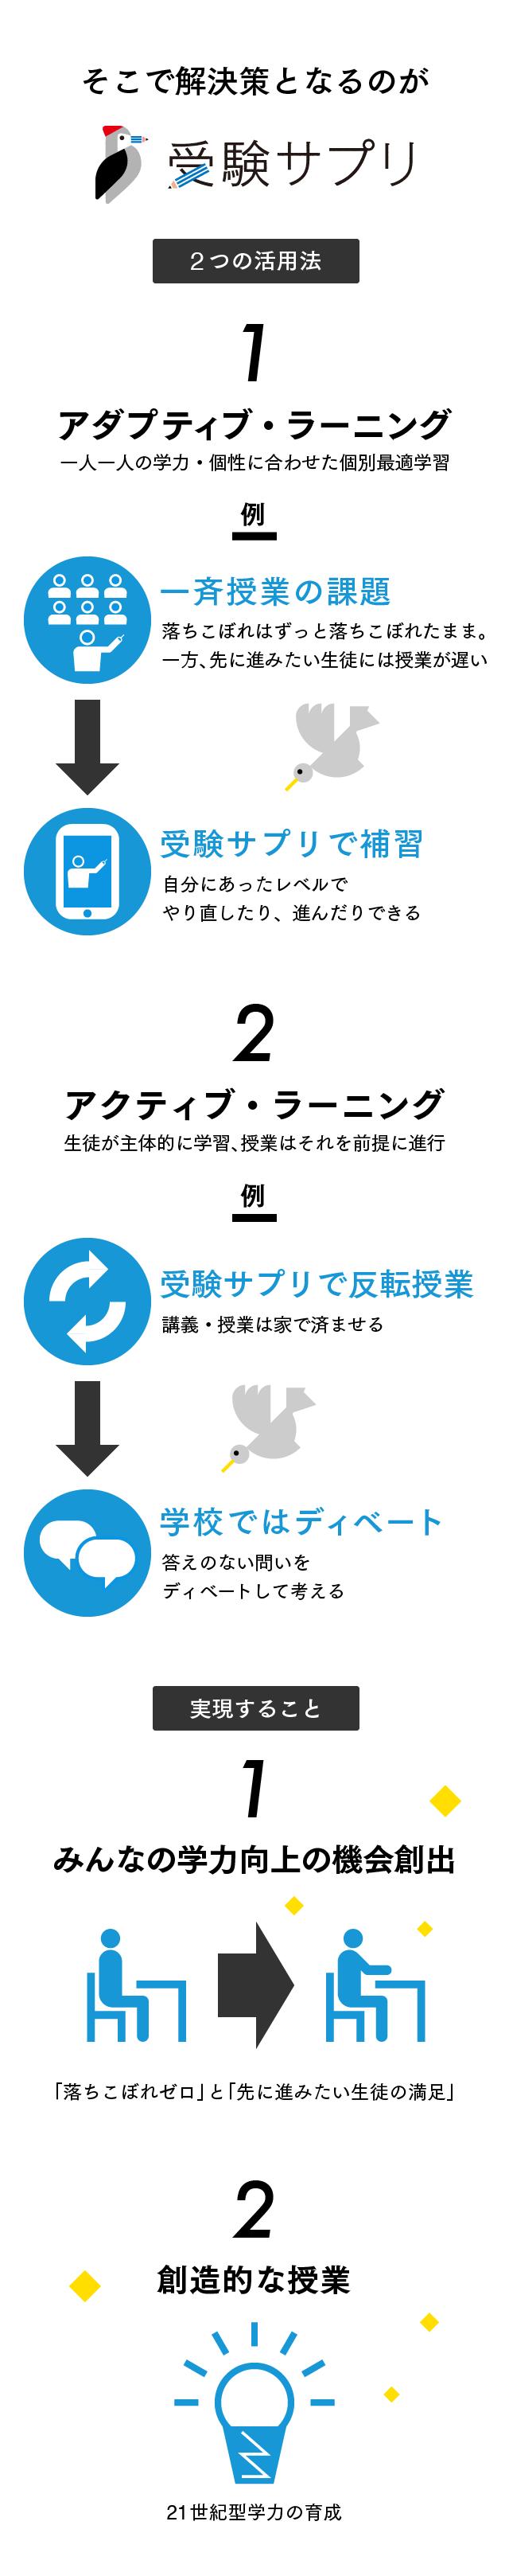 【マスター】スタディサプリインフォ_20160302-2-04